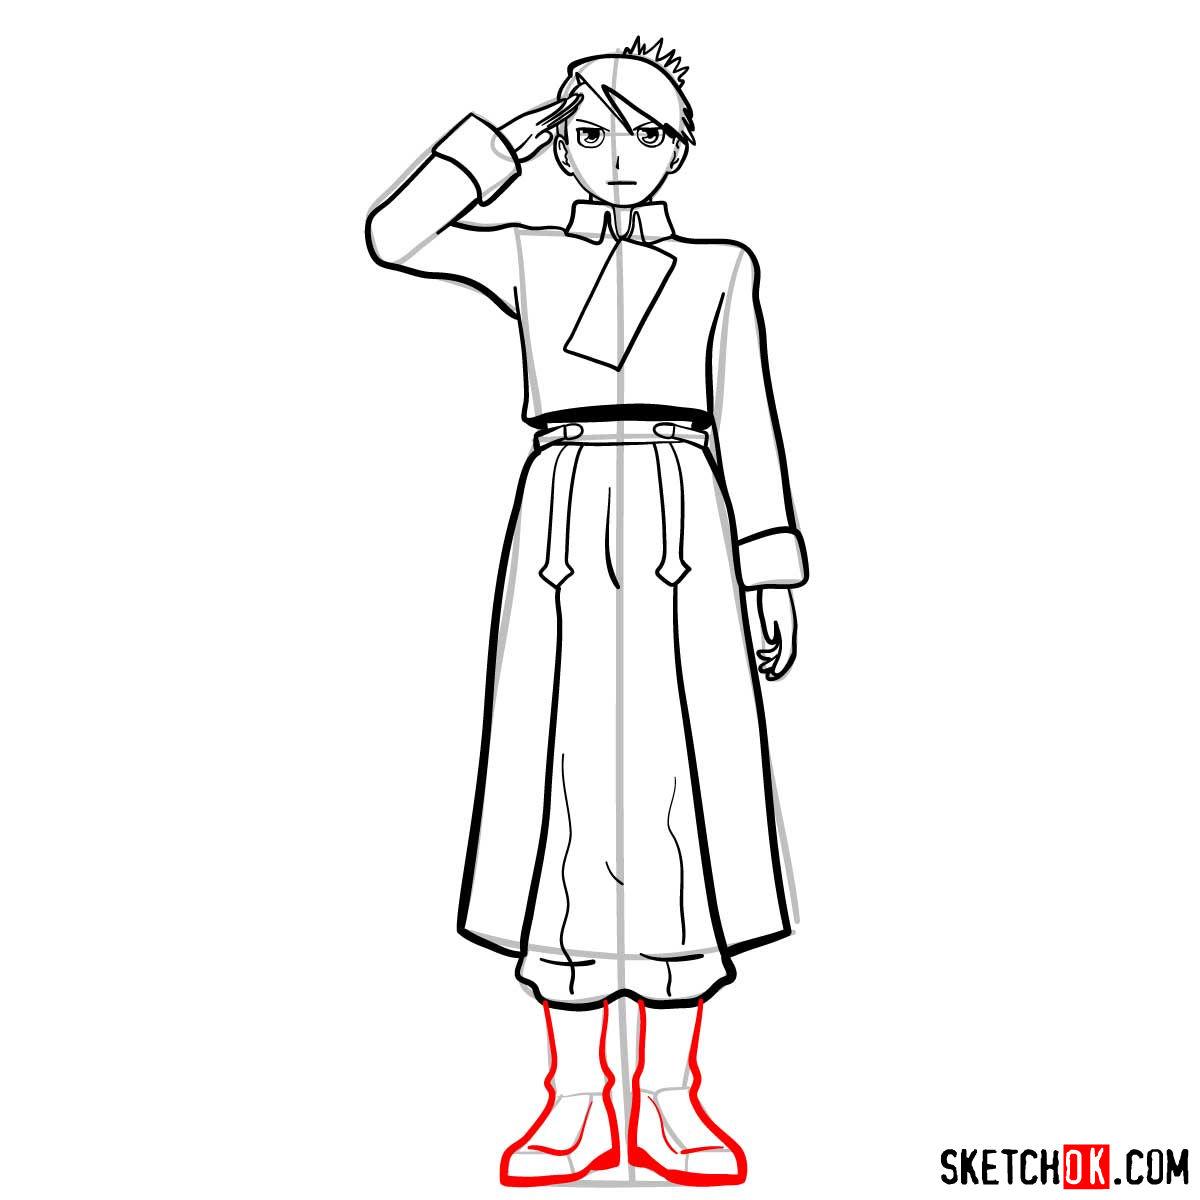 How to draw Riza Hawkeye from Fullmetal Alchemist anime - step 11